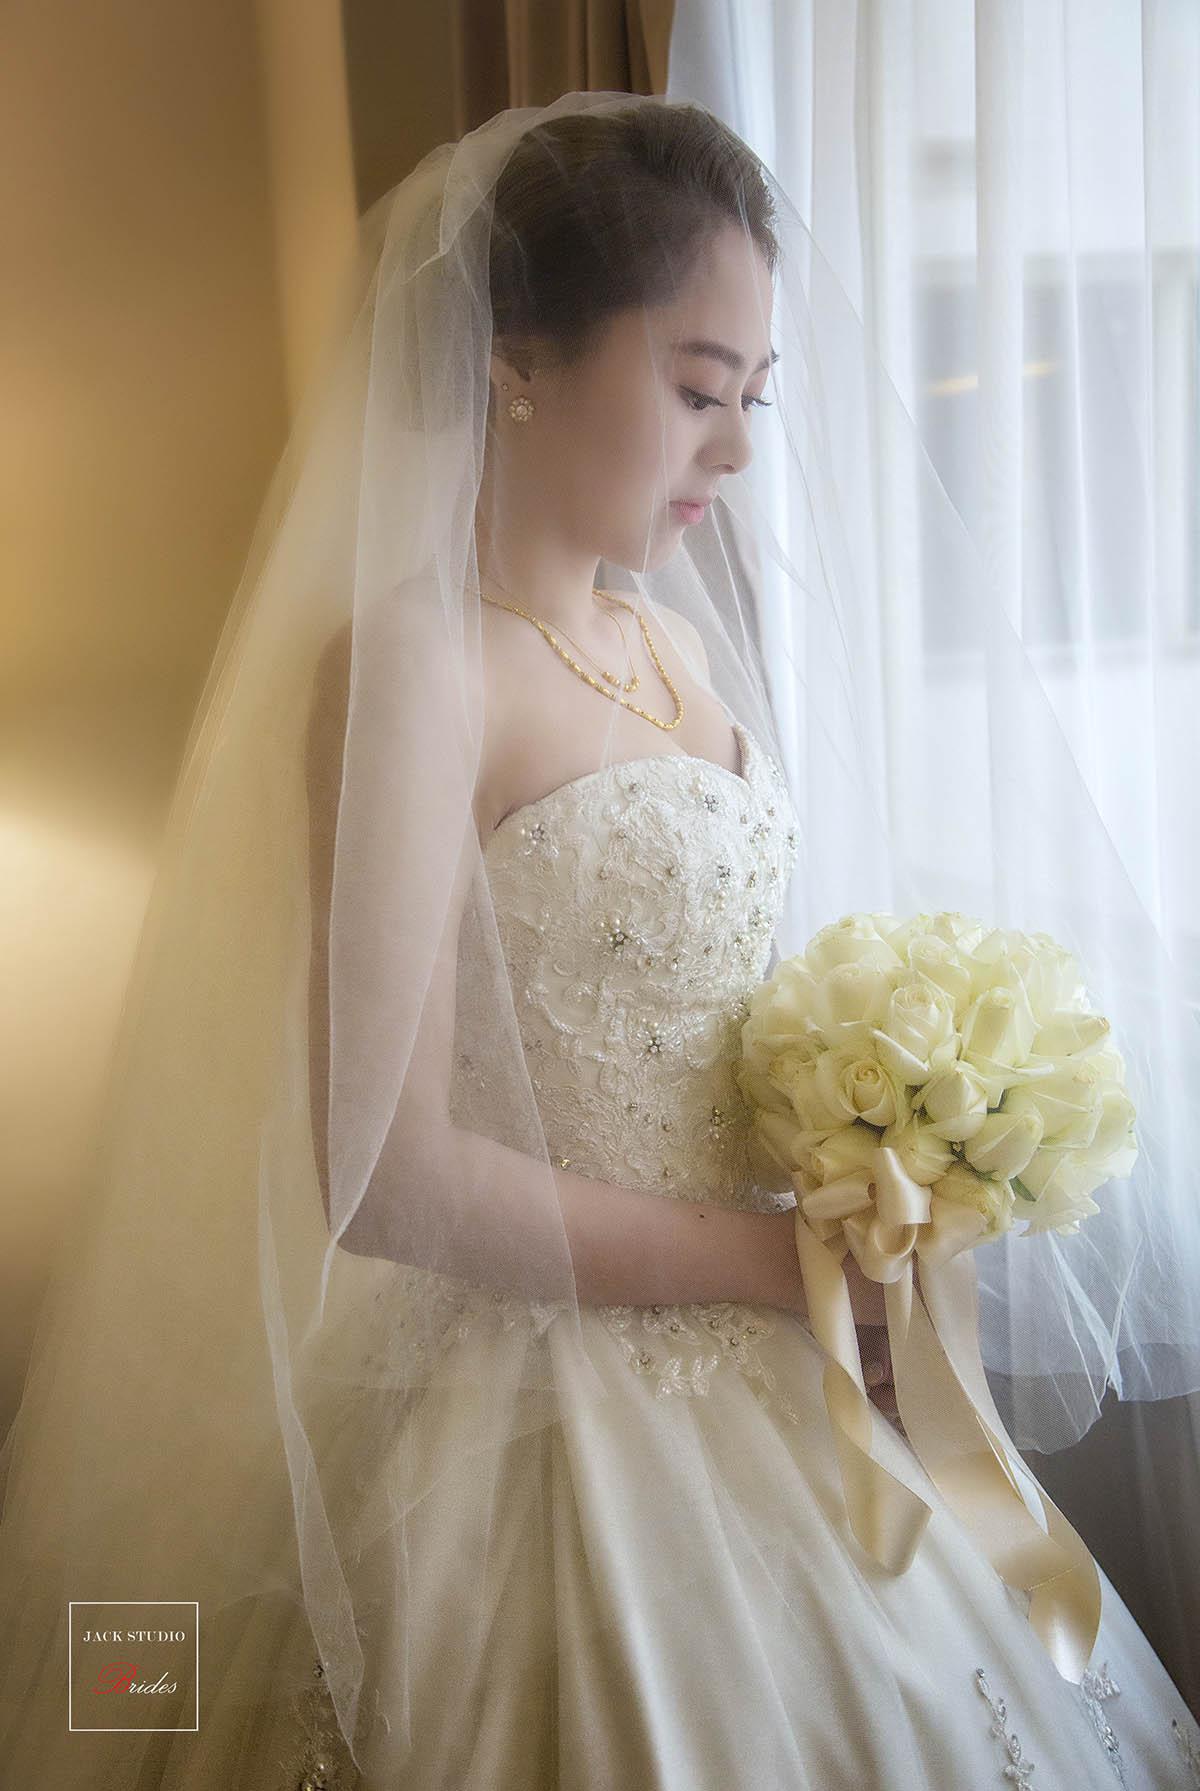 婚禮攝影,婚禮習俗,婚攝